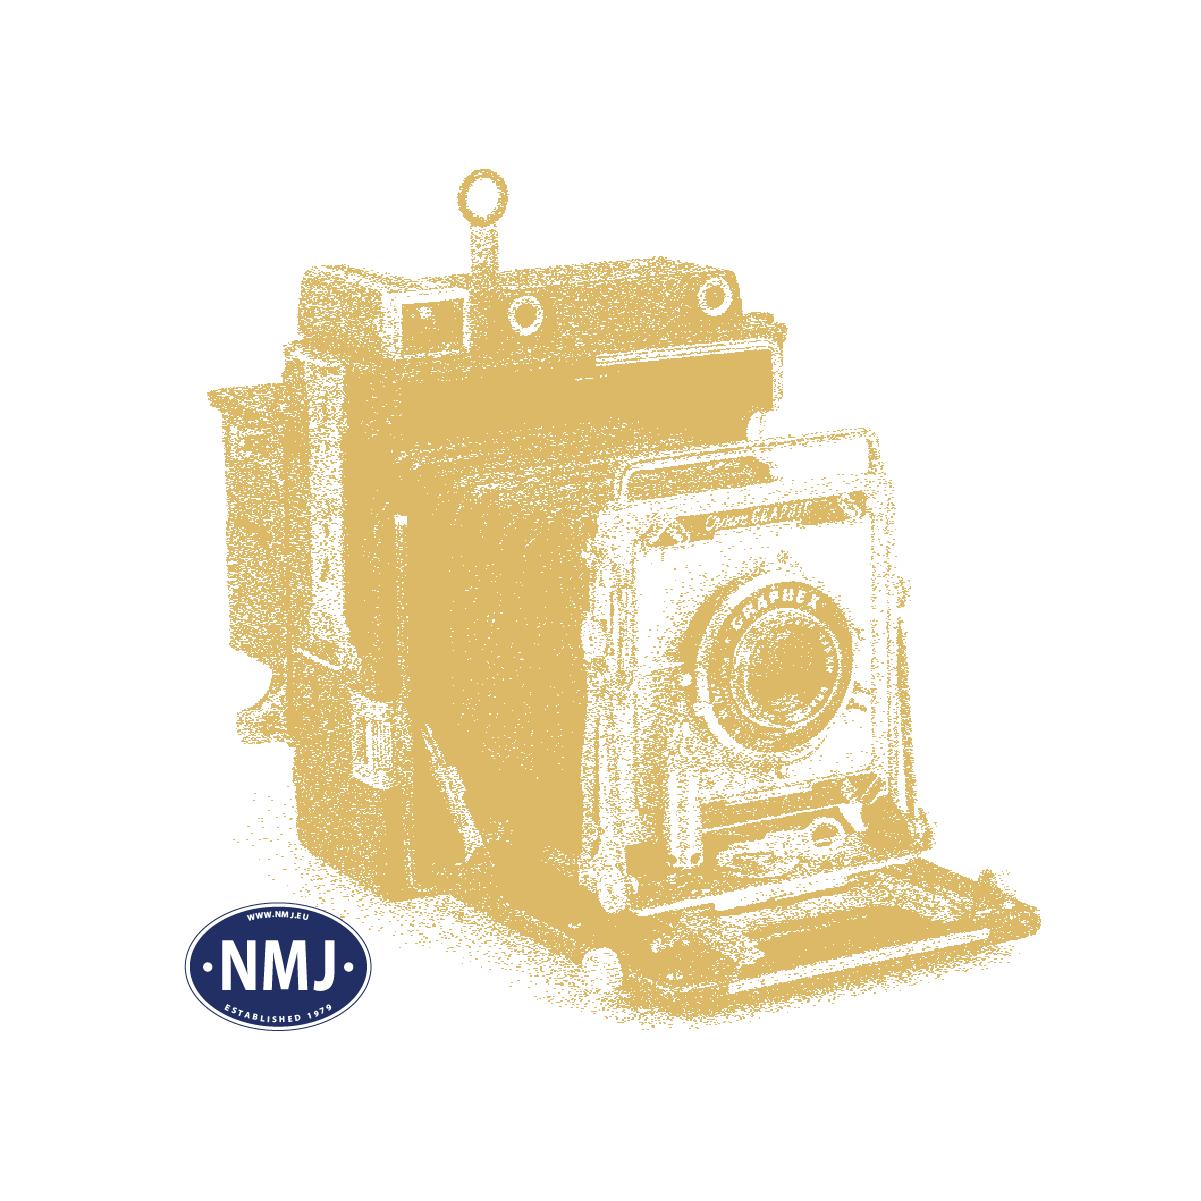 KIB14120 - MB LP Lastebil med avfallscontainer, Byggesett